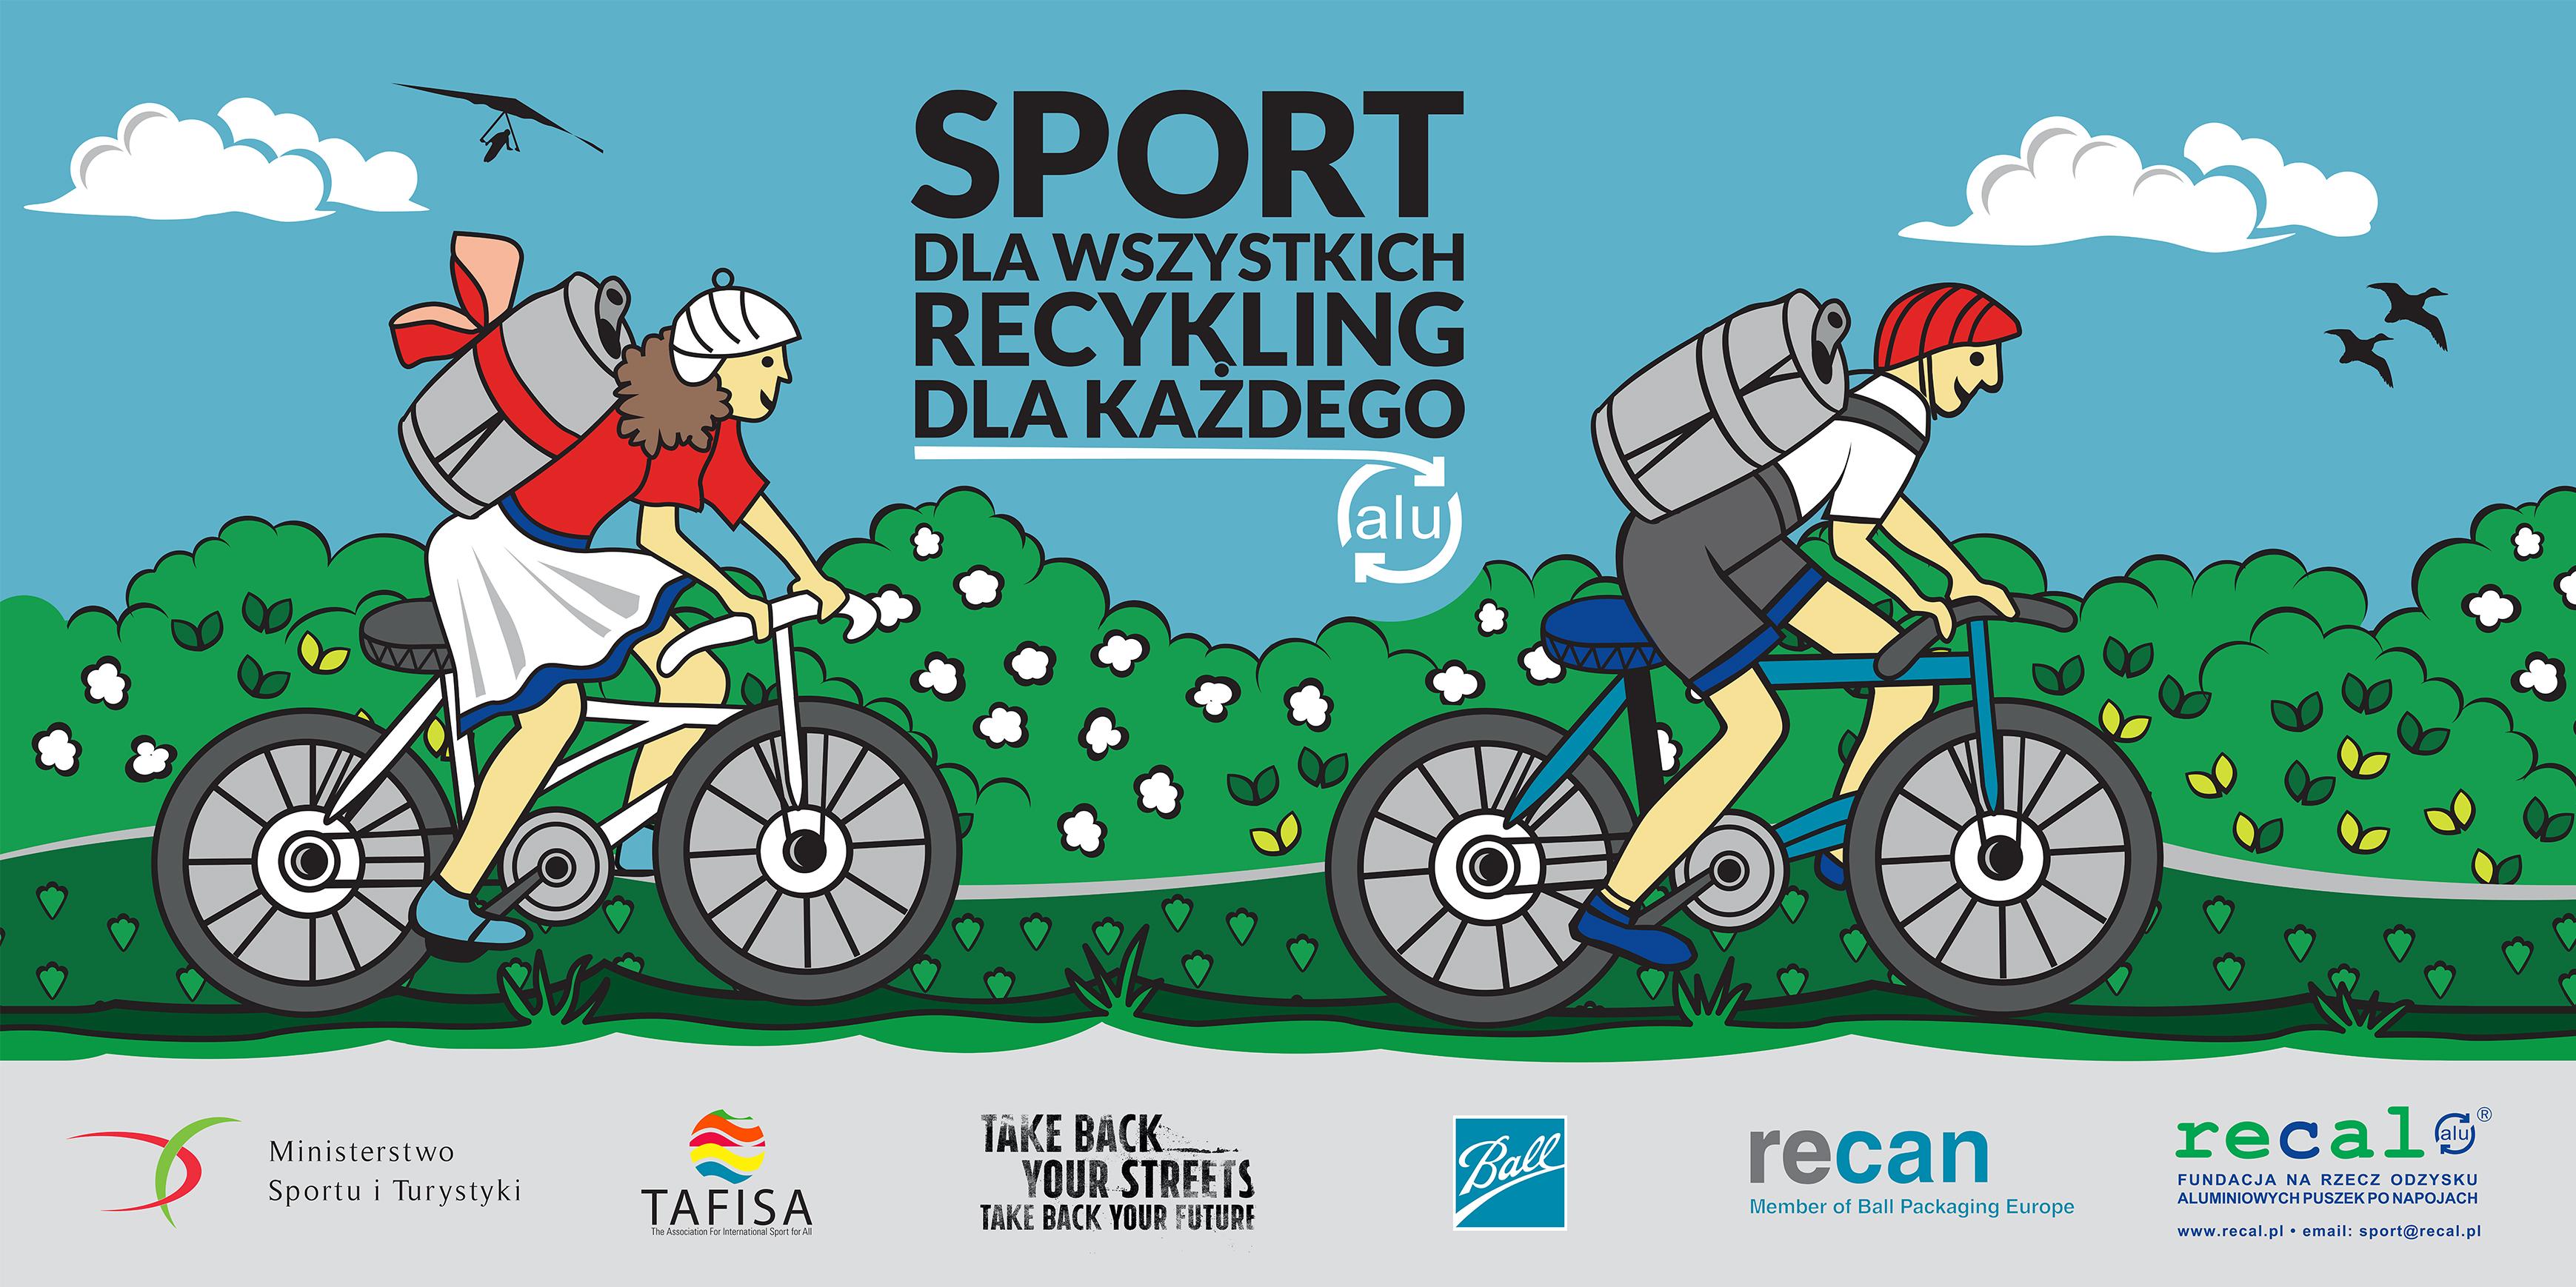 Sport dla wszystkich